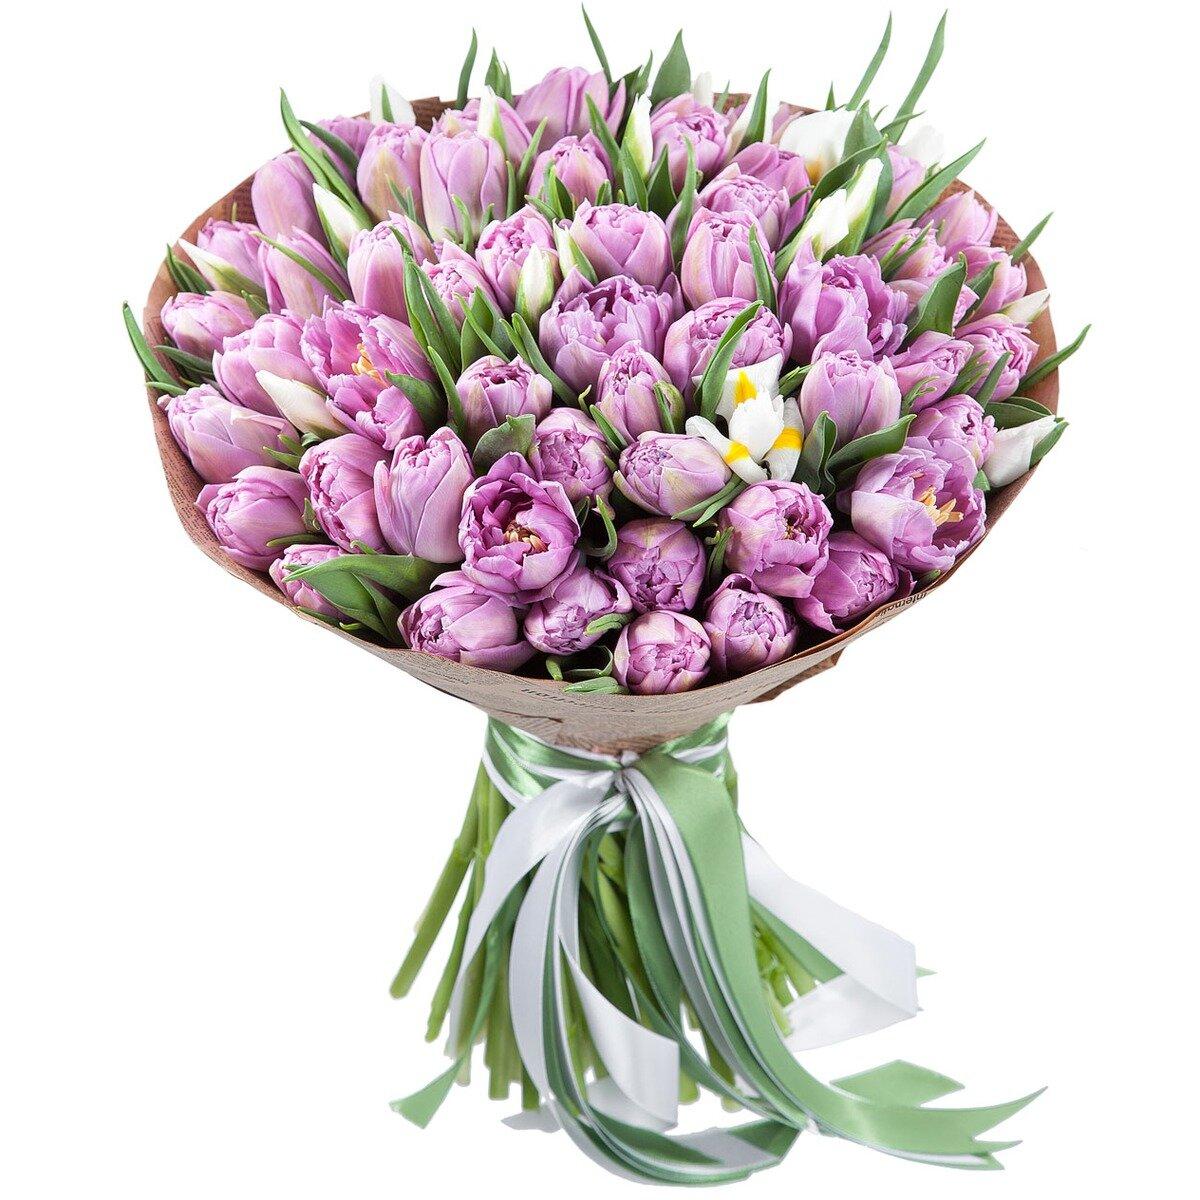 Цветы букет, коллекция букет из тюльпанов фотографии